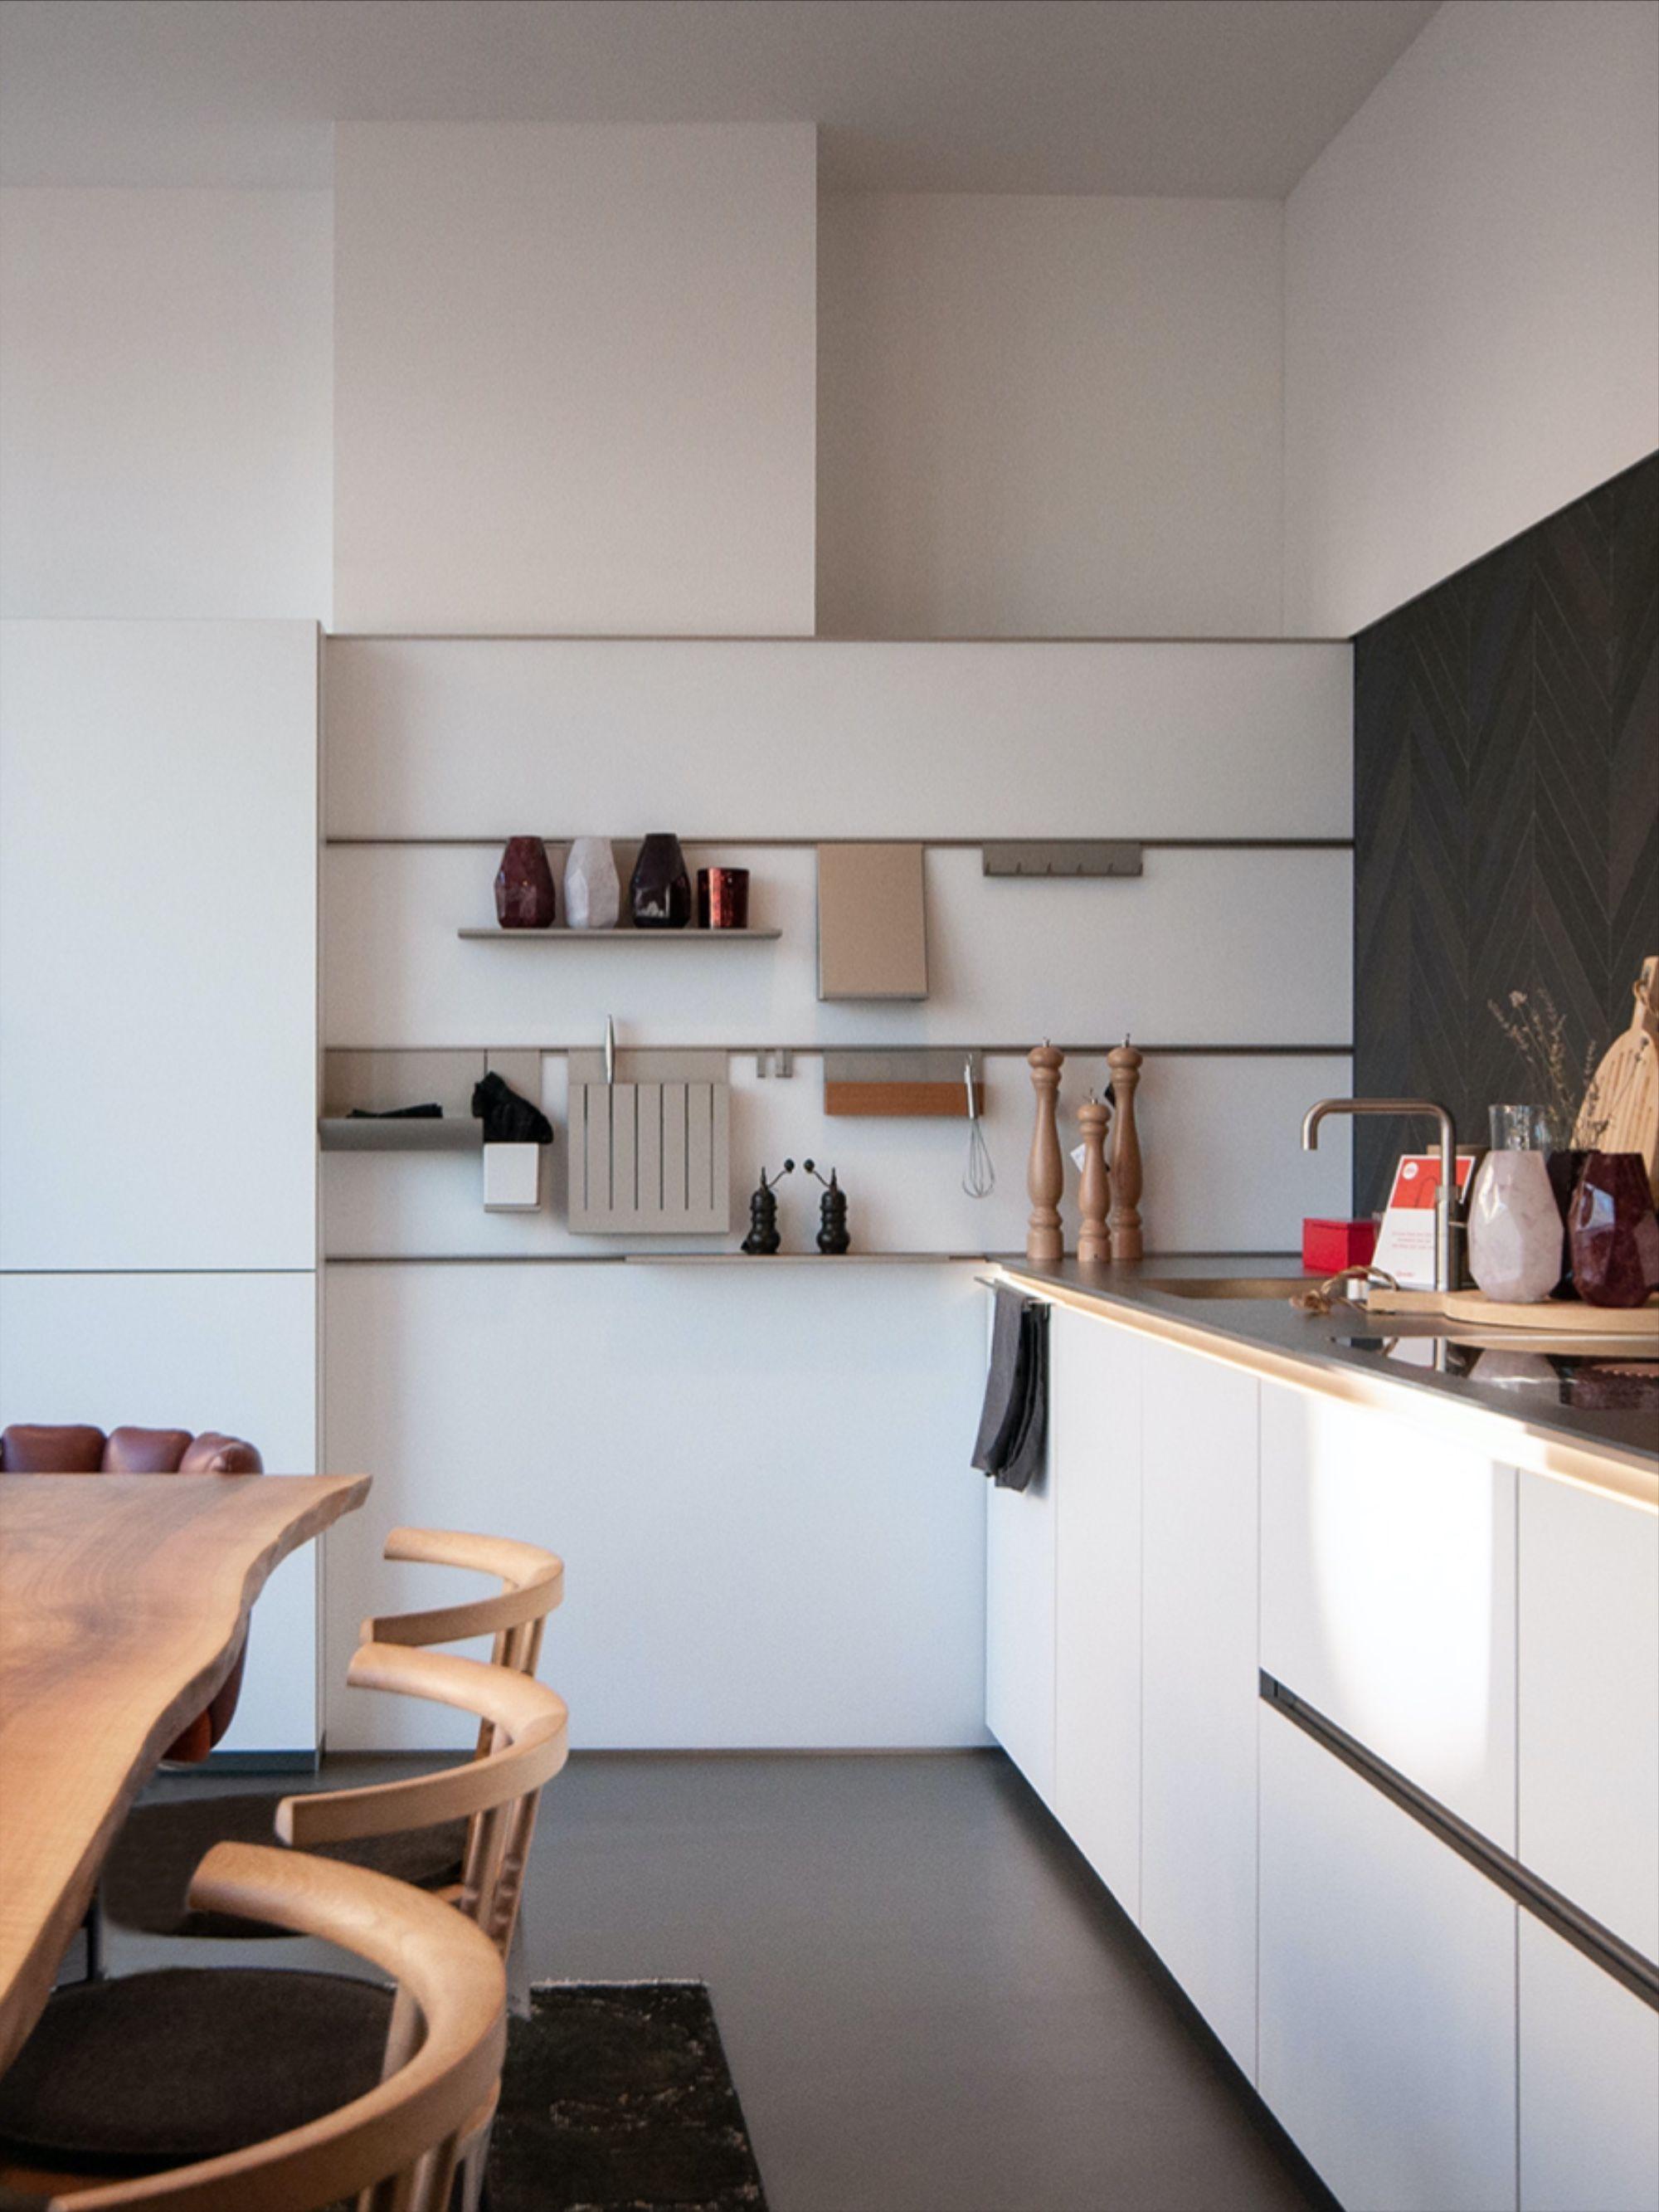 Mit Holzelementen Und Schwarzen Fliesen In 2020 Weisse Kuche Schwarze Fliesen Kuche